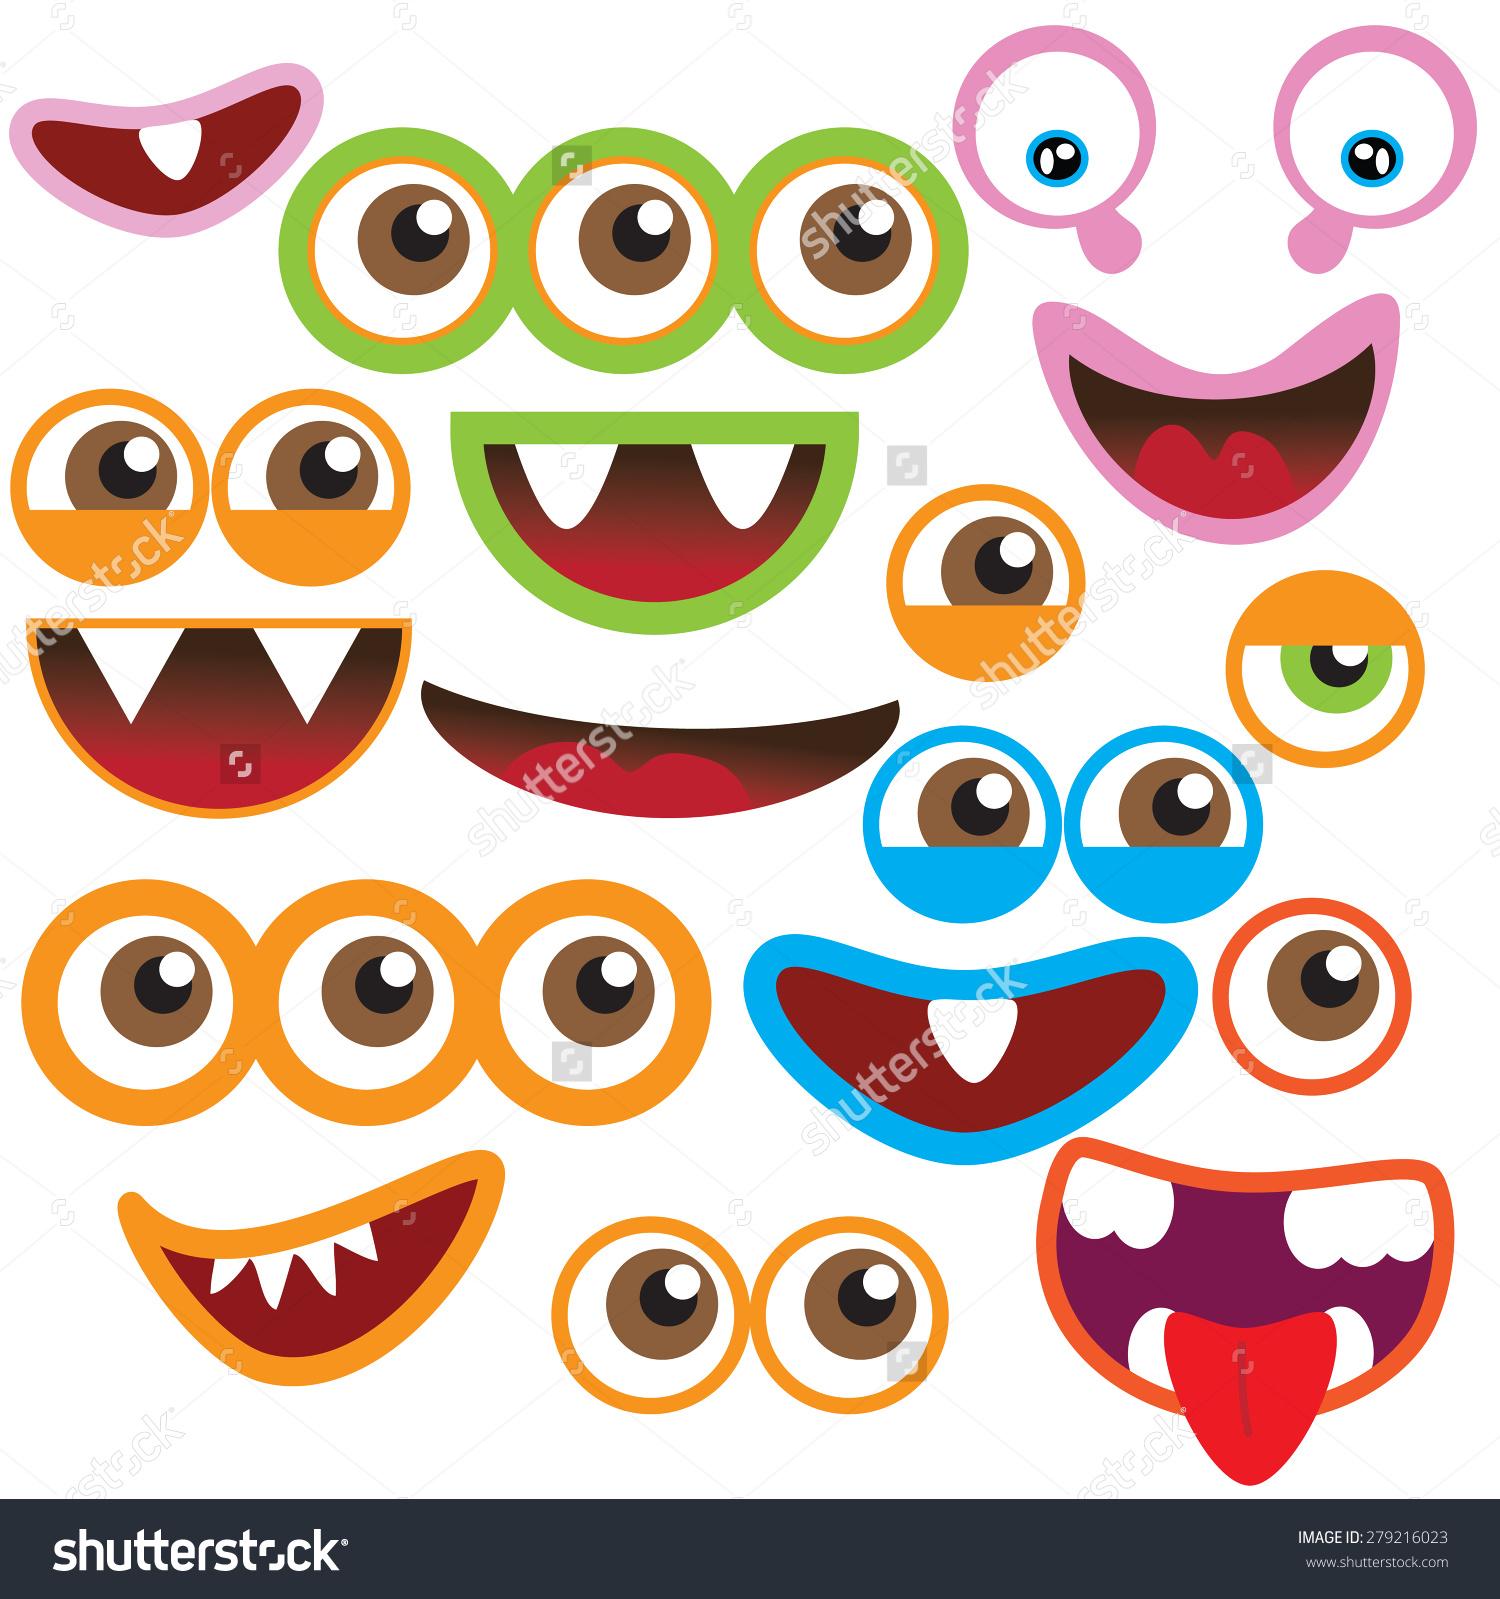 Monster eyes clipart - .